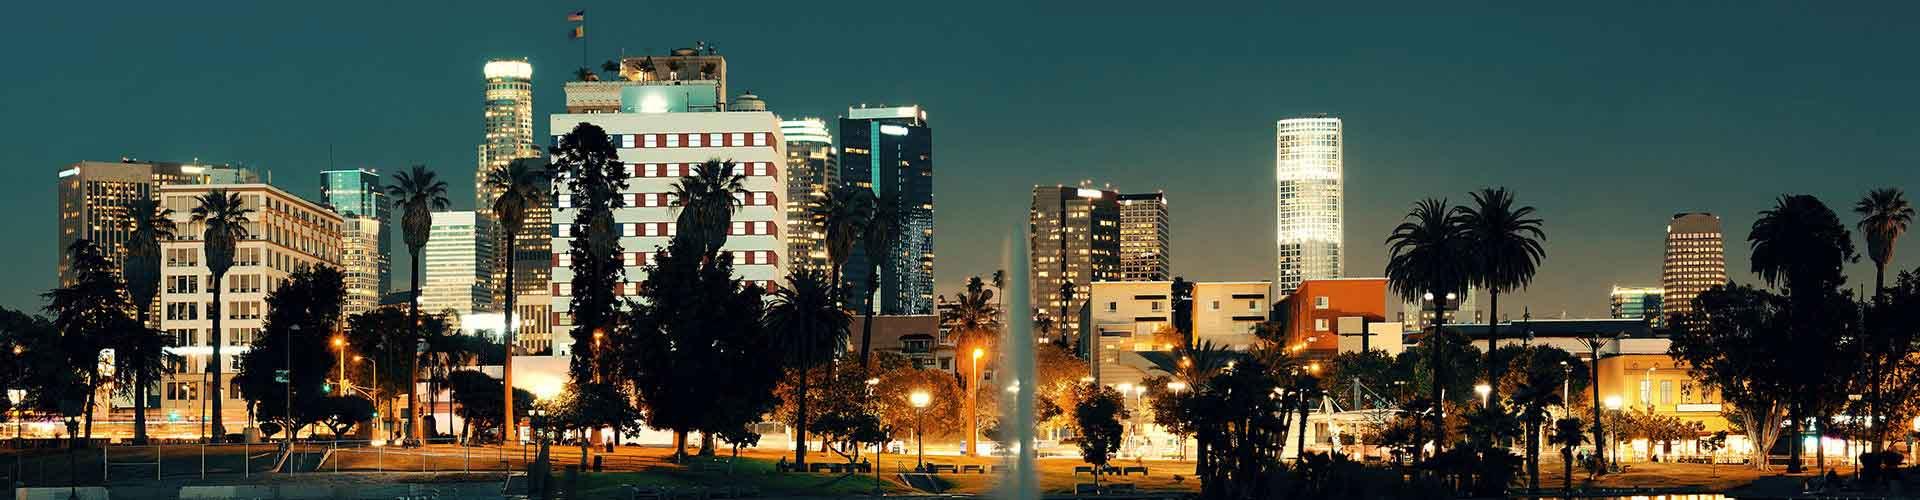 Los Ángeles - Albergues Juveniles en Los Ángeles. Mapas de Los Ángeles, Fotos y Comentarios para cada Albergue Juvenil en Los Ángeles.